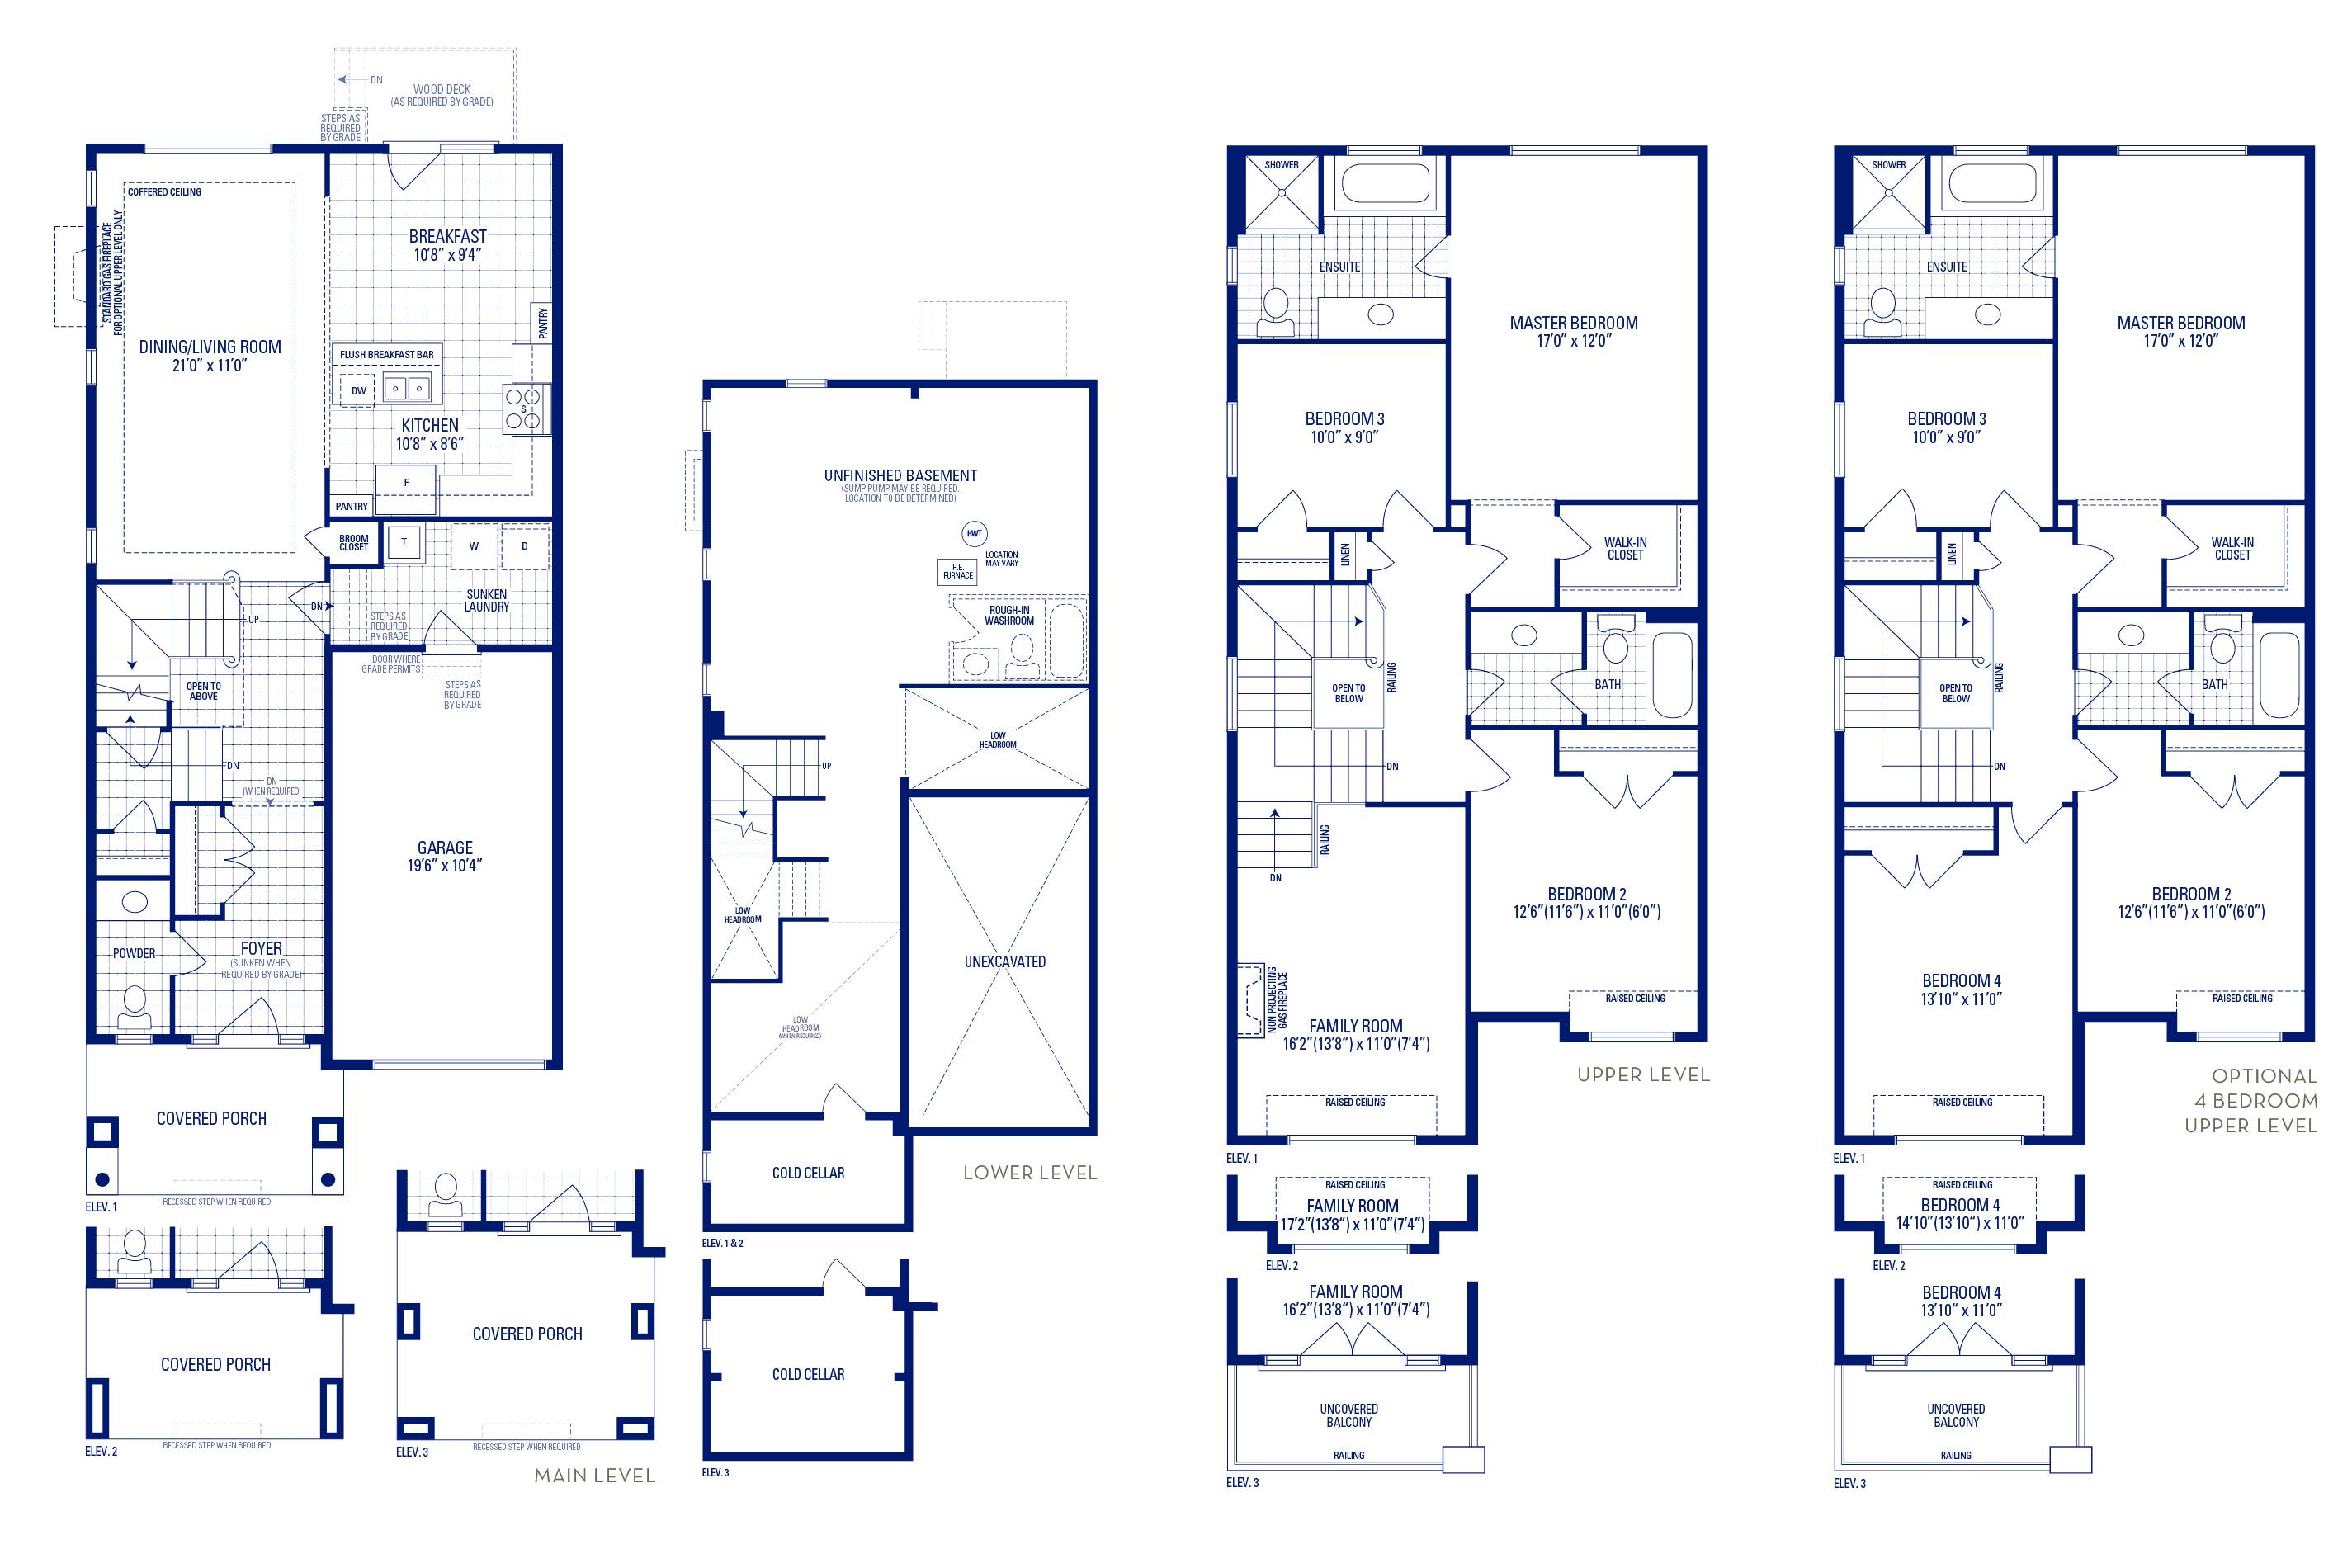 Heritage 3 Elev. 3 Floorplan